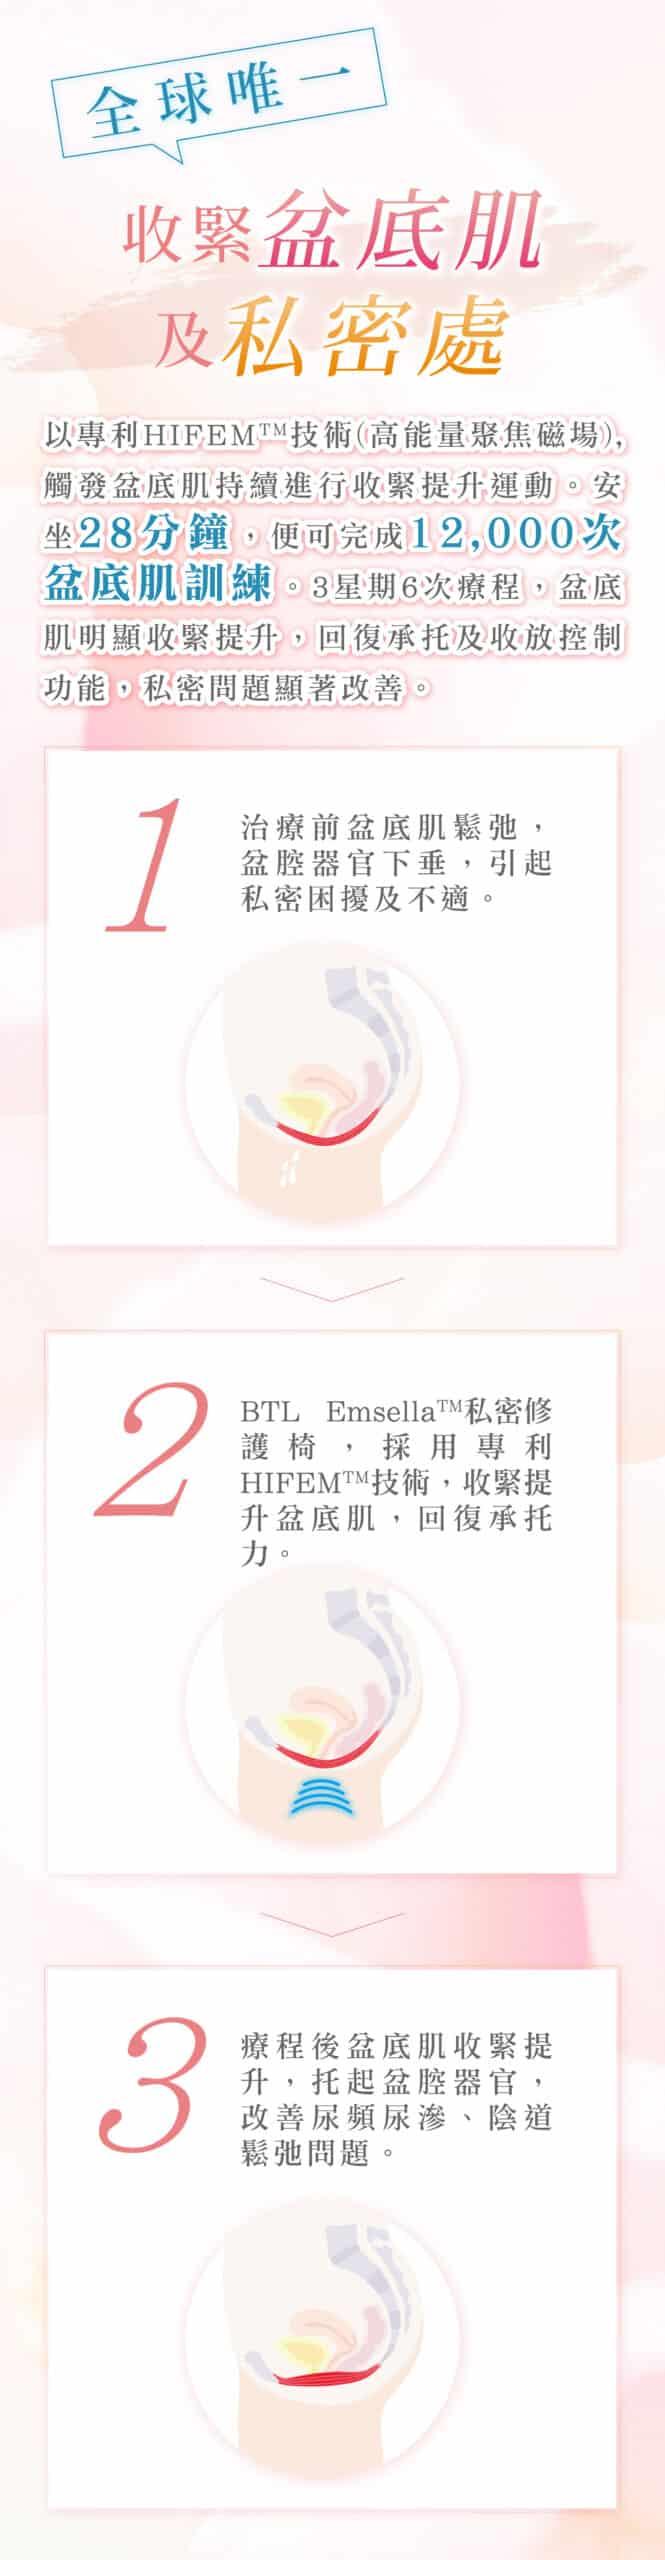 BTL Emsella 幸福椅 BTL EMSELLA Landing Page 14 scaled